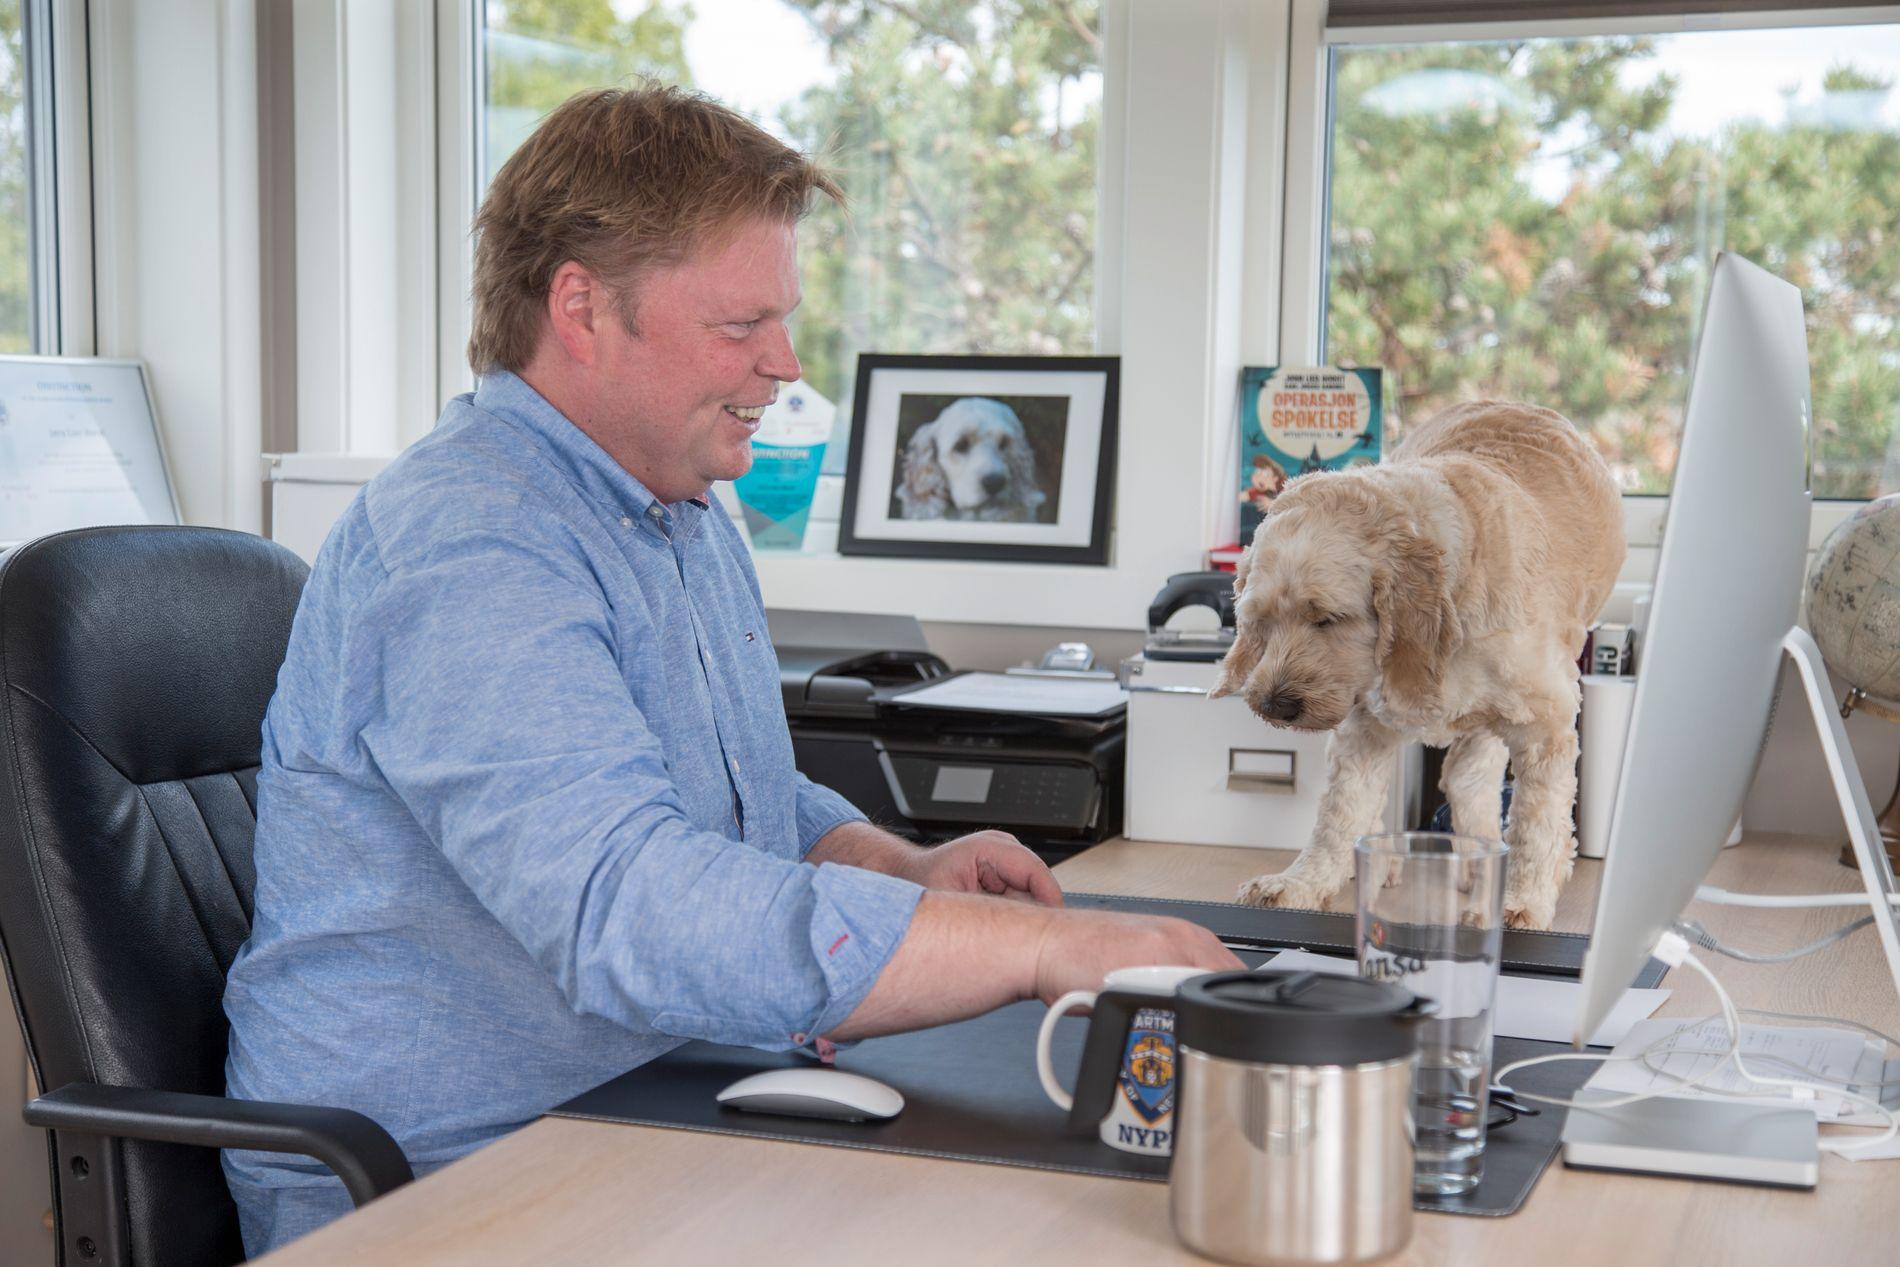 SKRIVEKOMPIS: Jørn Lier Horst i skrivetårnet med hunden Theodor på sin faste plass, oppe på skrivepulten.